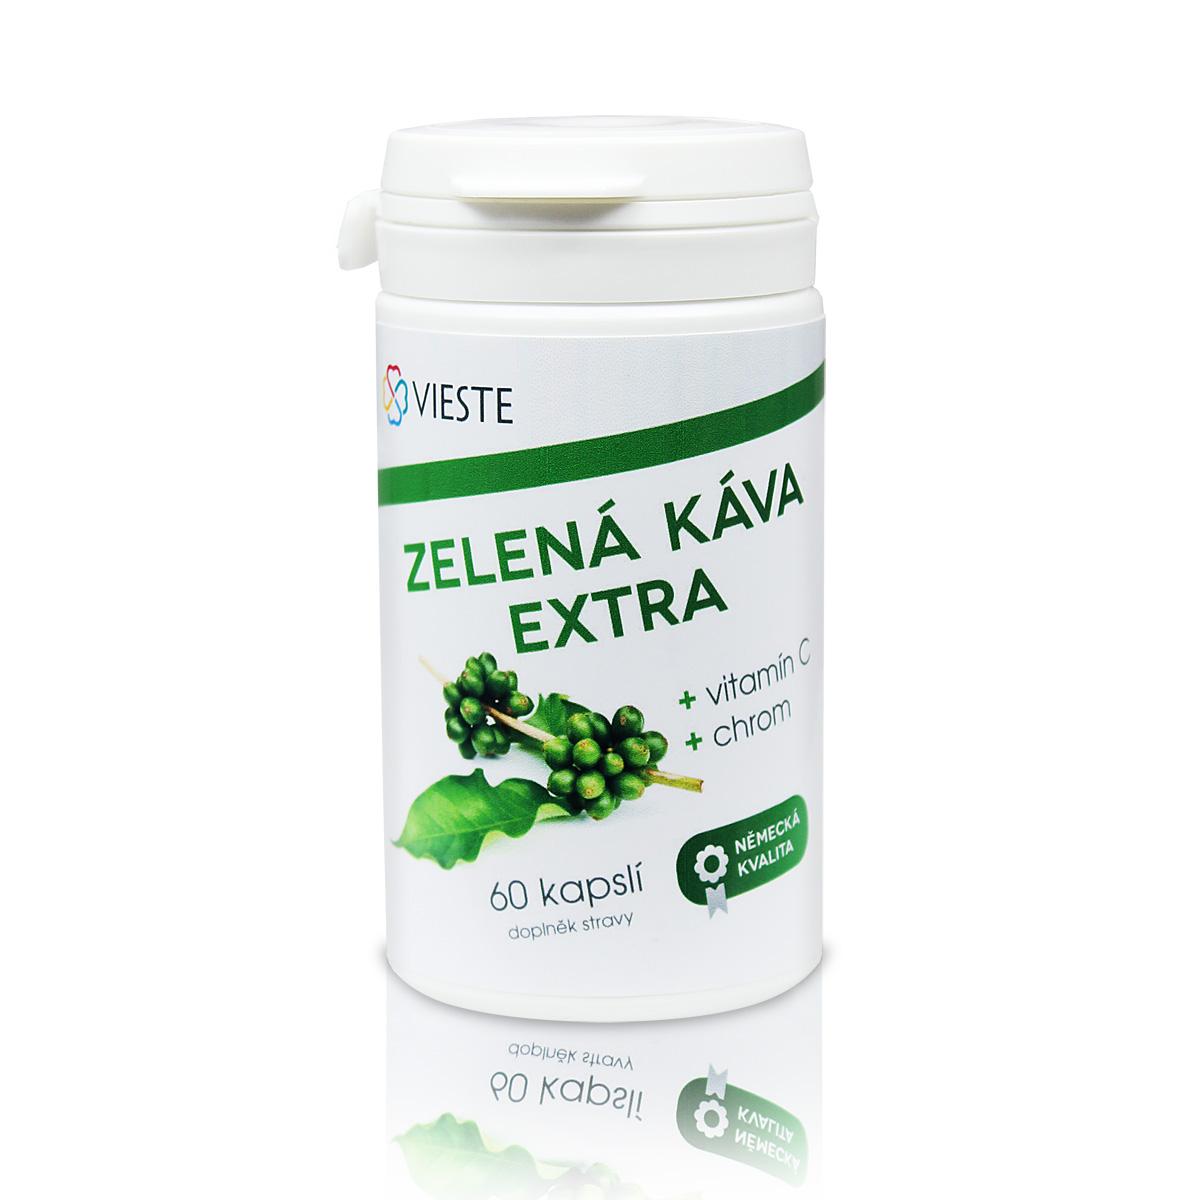 Vieste Zelená káva extra 60 cps